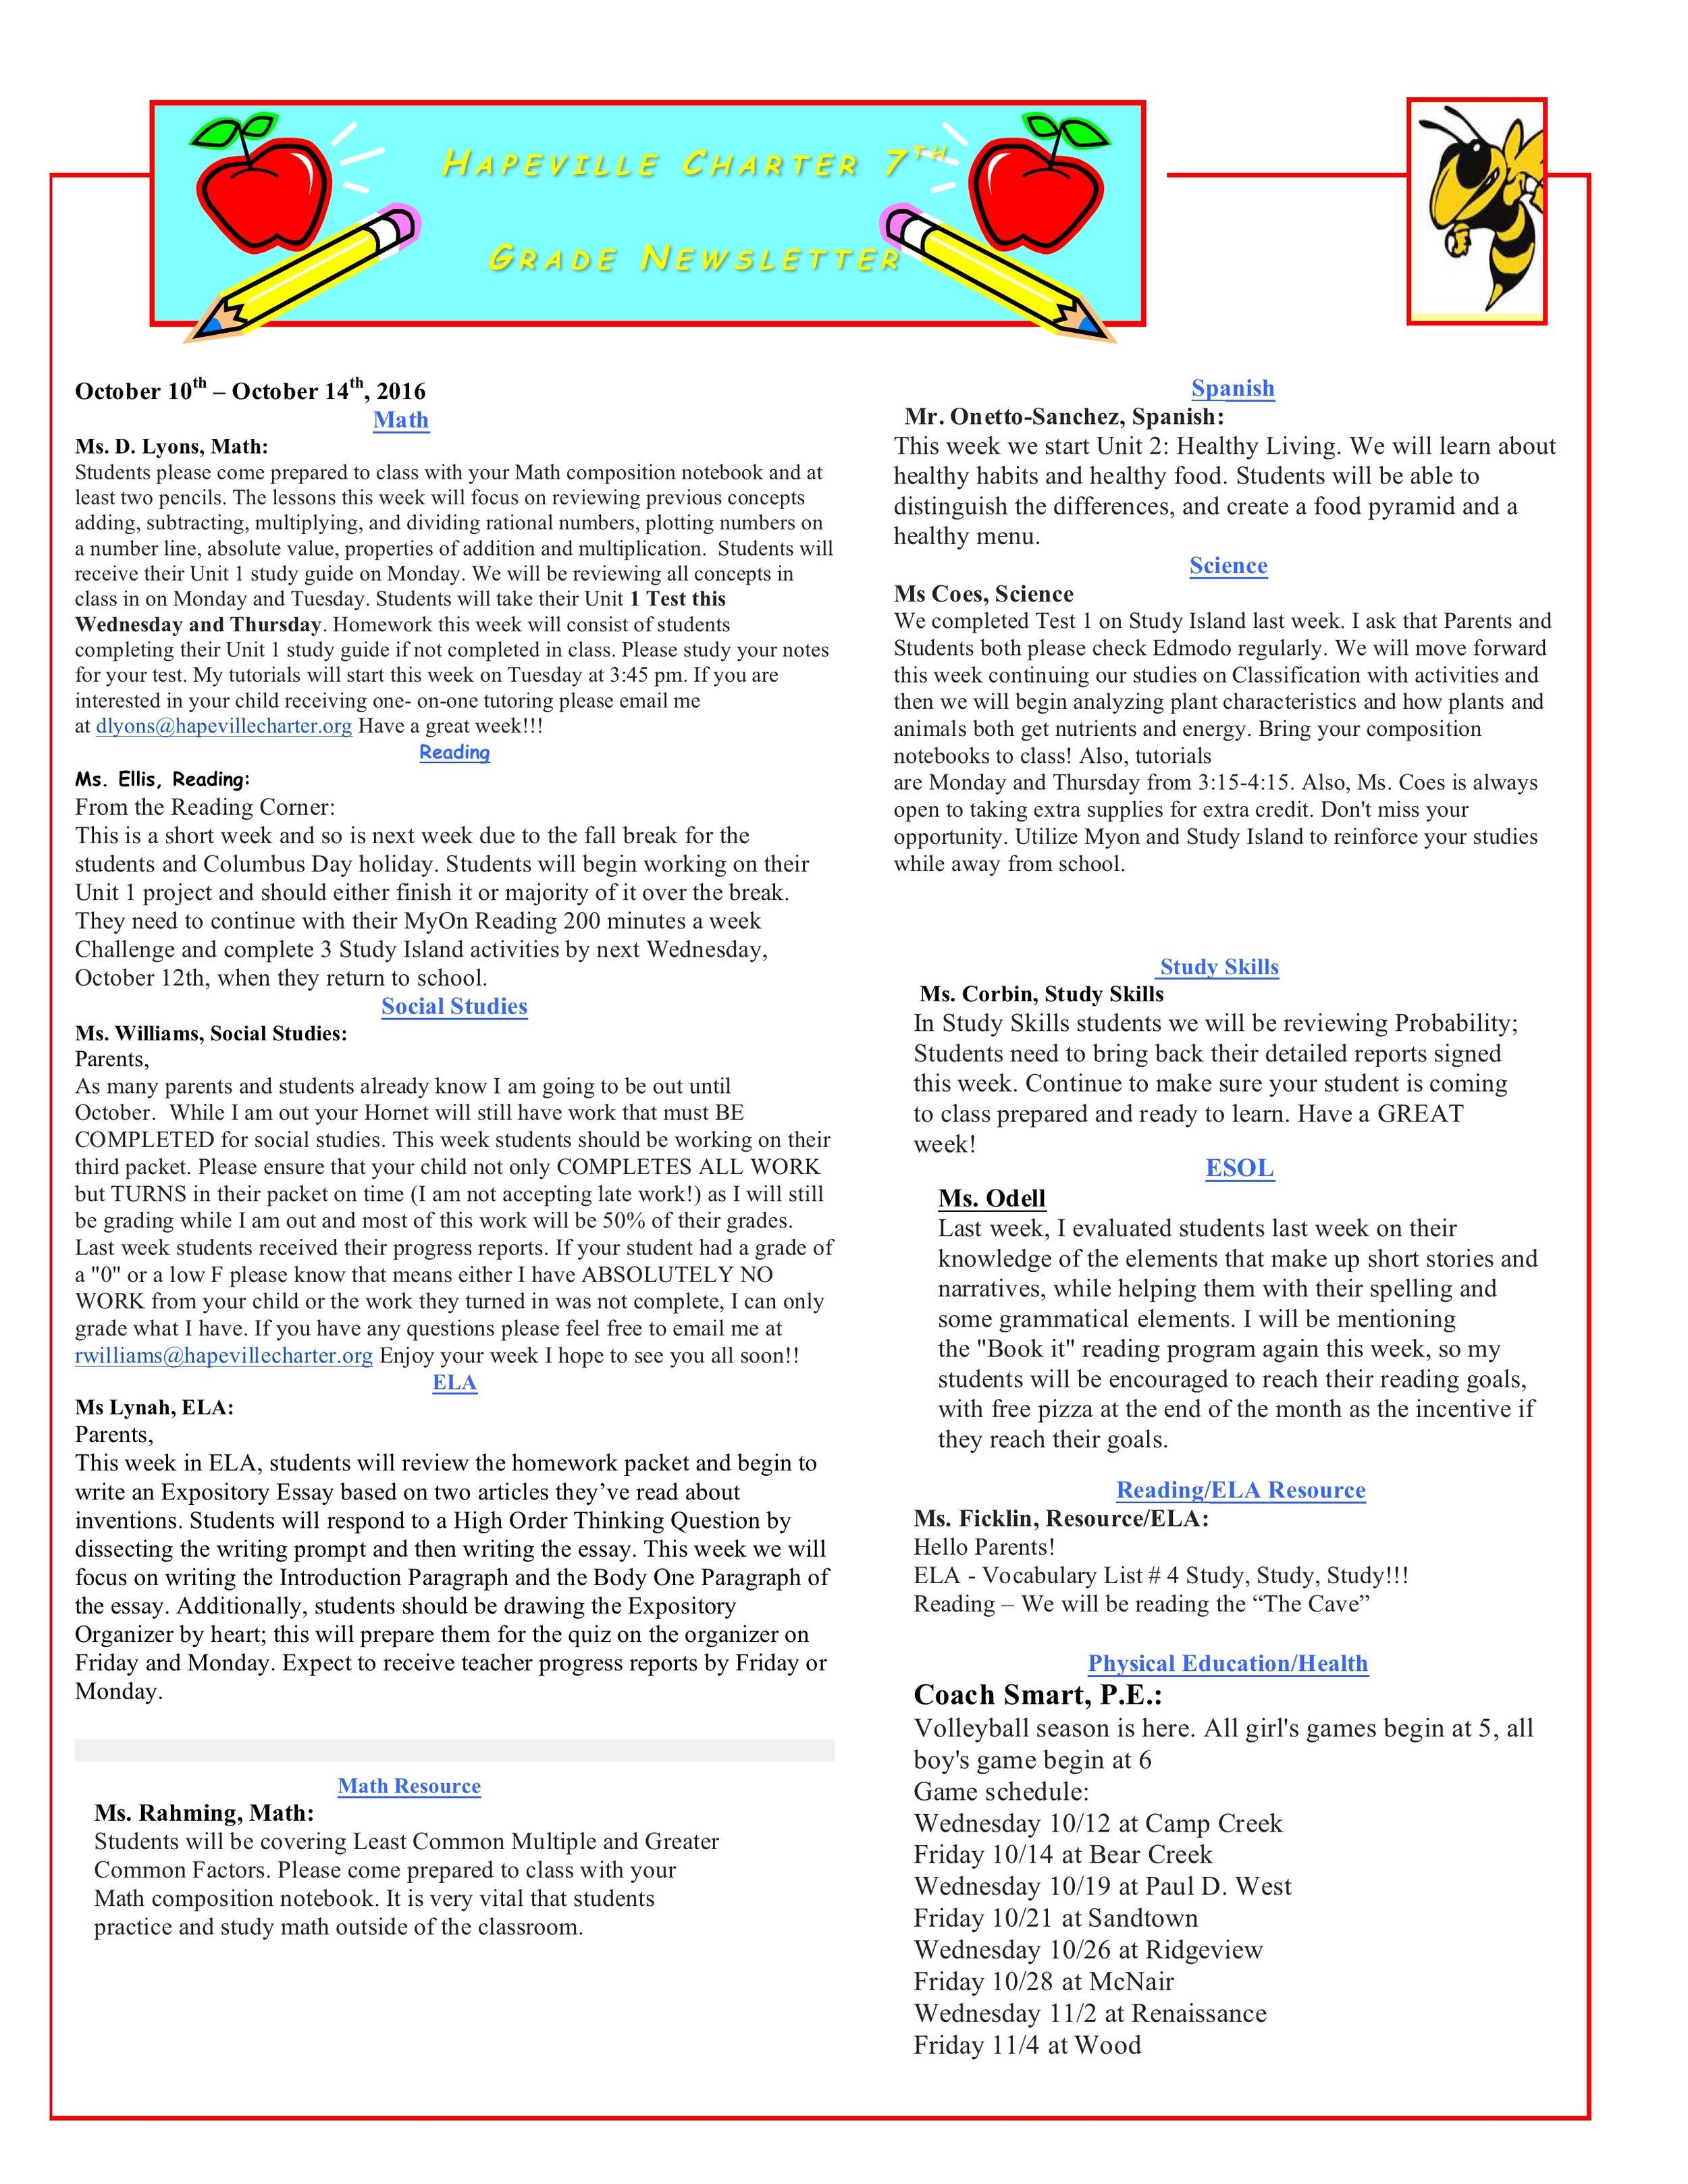 Newsletter Image7th Grade Newsletter 10.10.2016 .jpeg